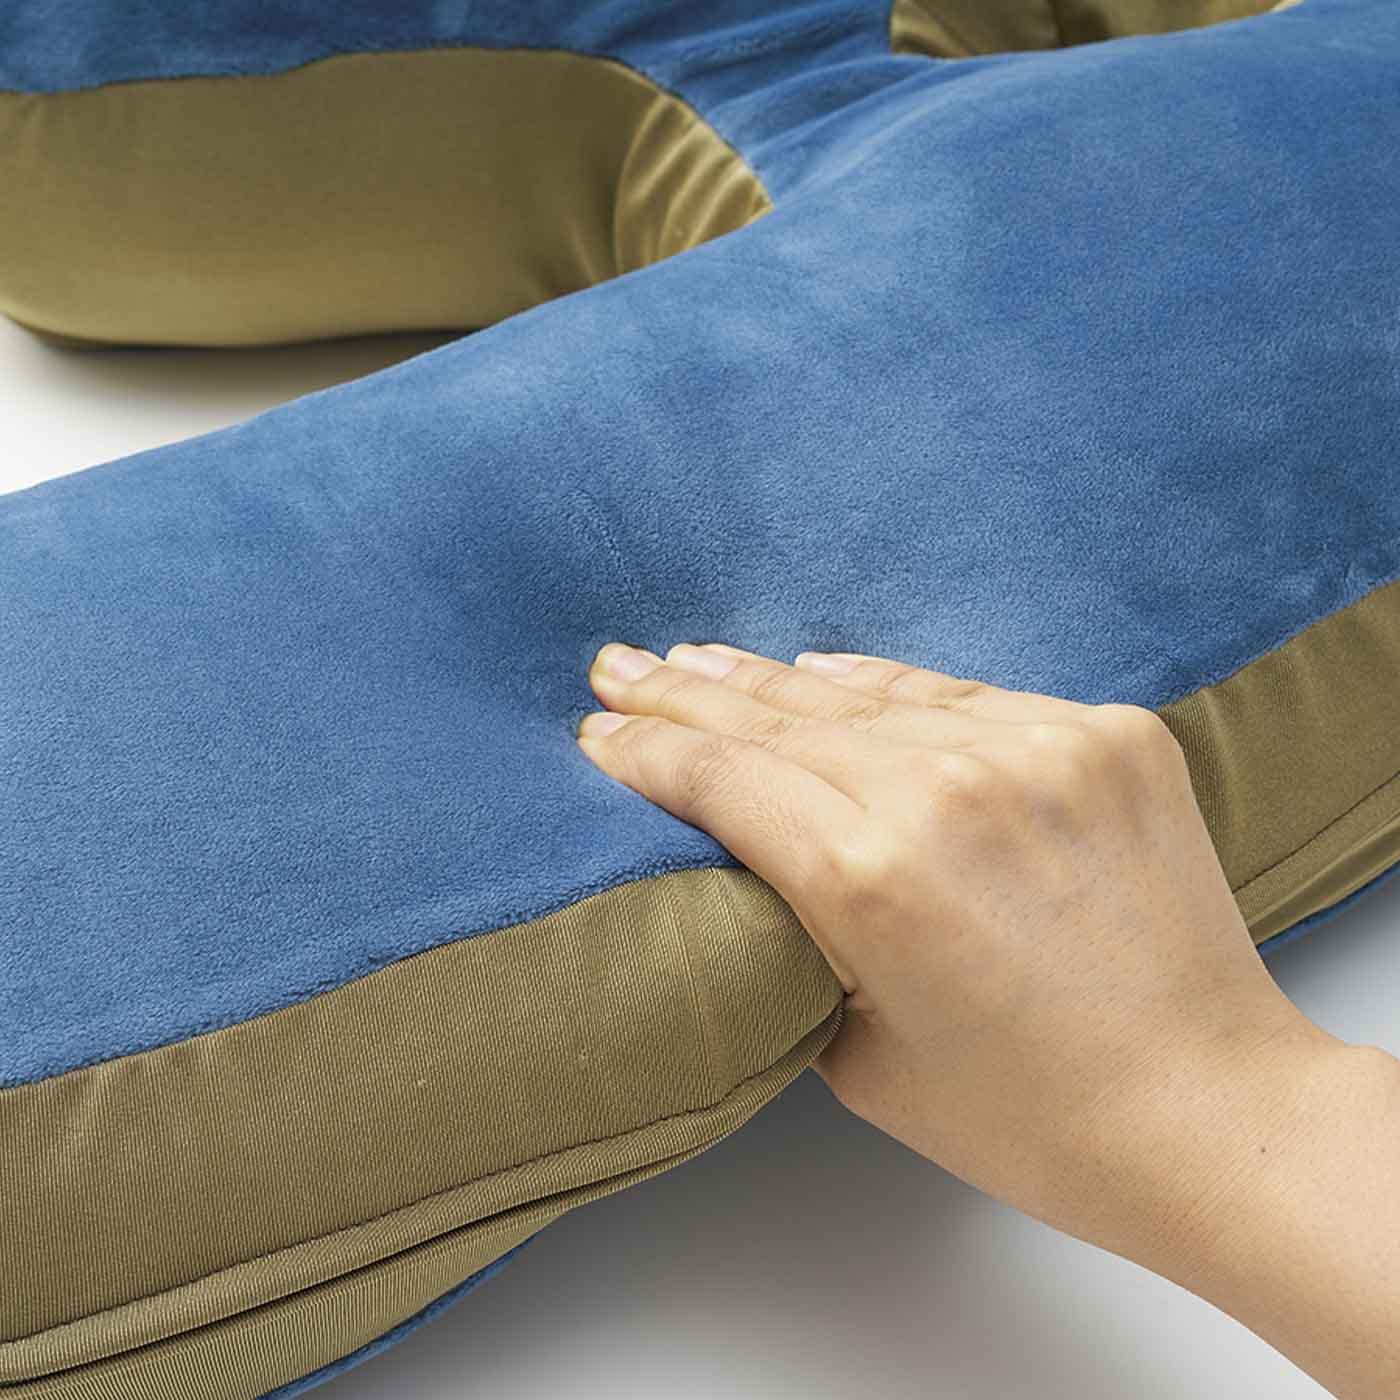 しっかり弾力のある素材で、寝ているときの姿勢を心地よくキープ。